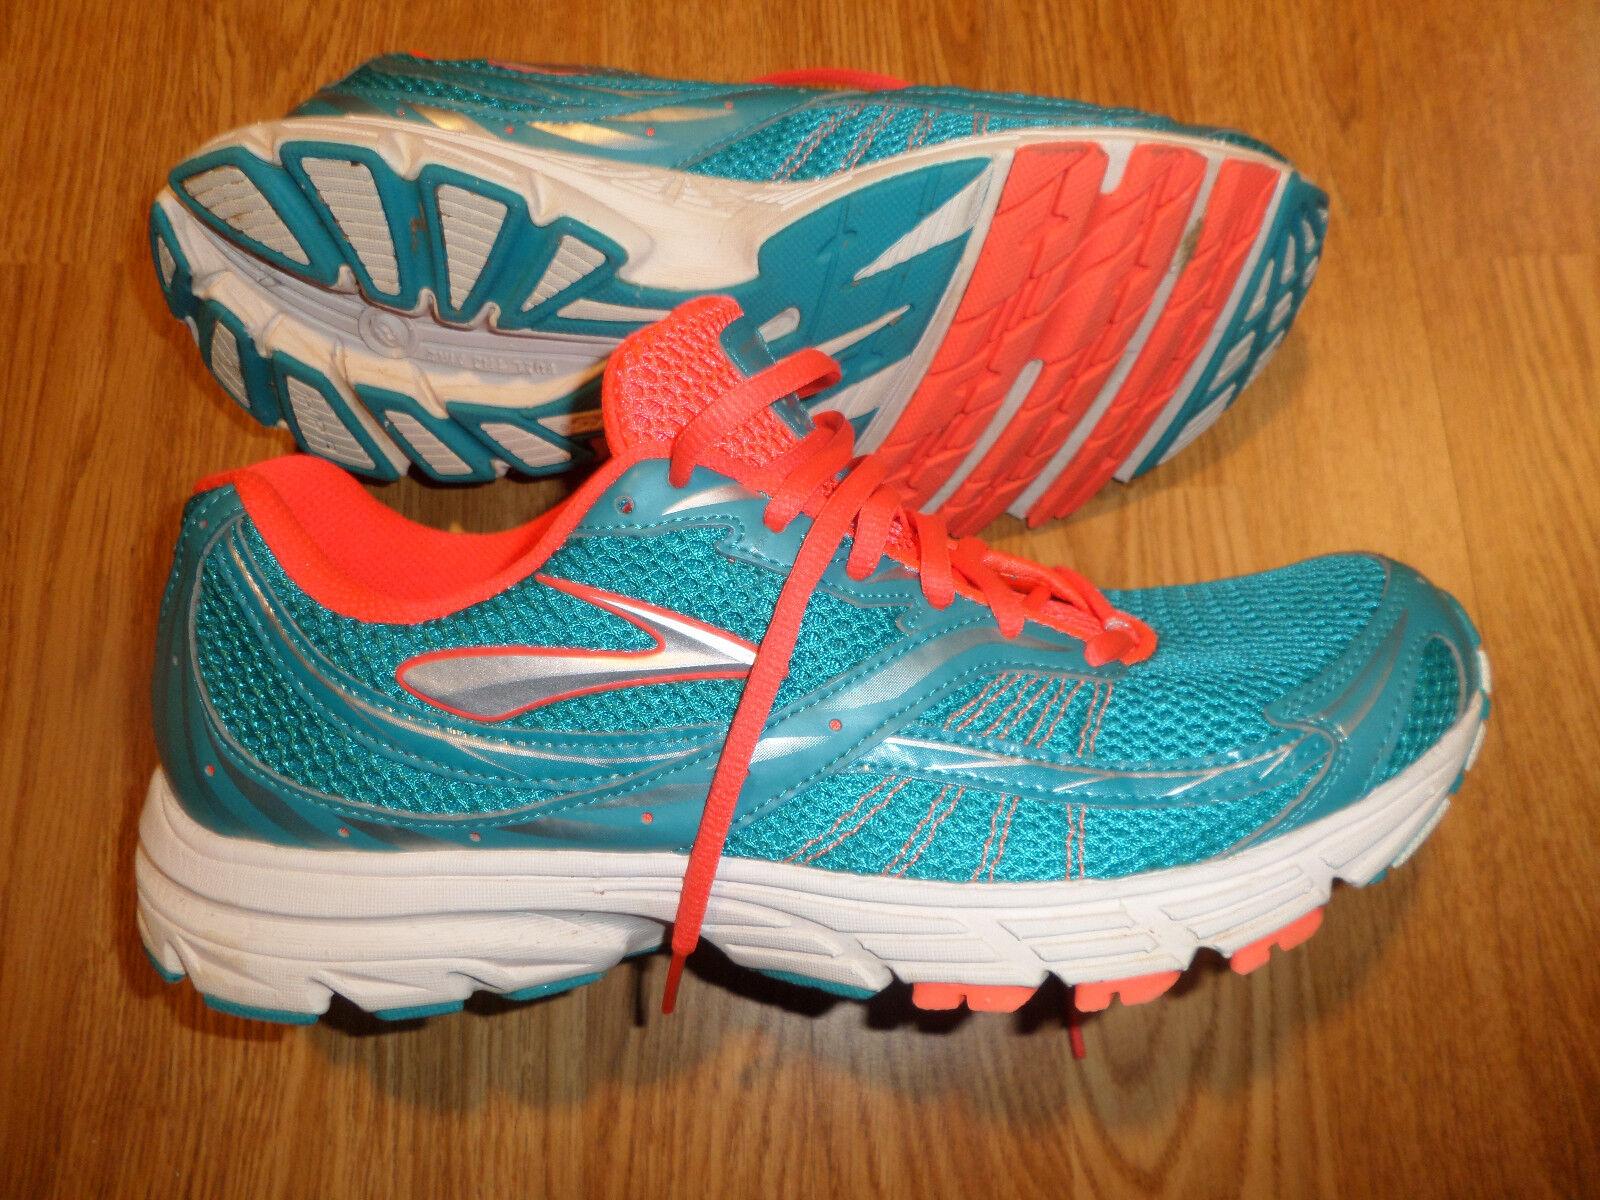 BROOKS Schuhe LAUNCH CROSS TRAINING RUNNING Schuhe BROOKS WOMEN'S 11 M RTL 100 5b4130